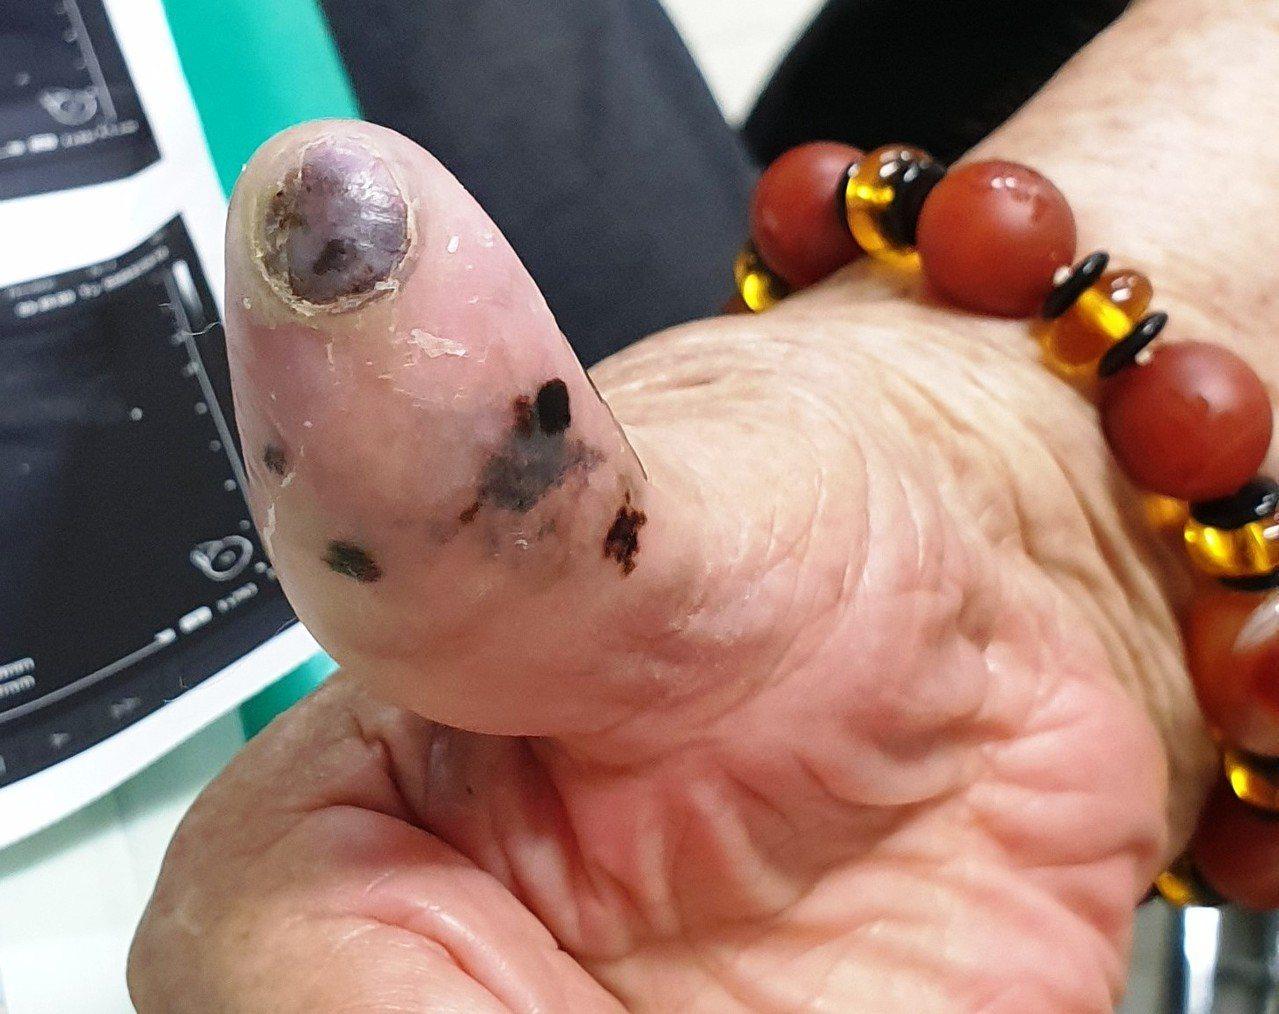 阿嬤摸到腋下有不明腫塊 竟是手指的30年黑痣癌變